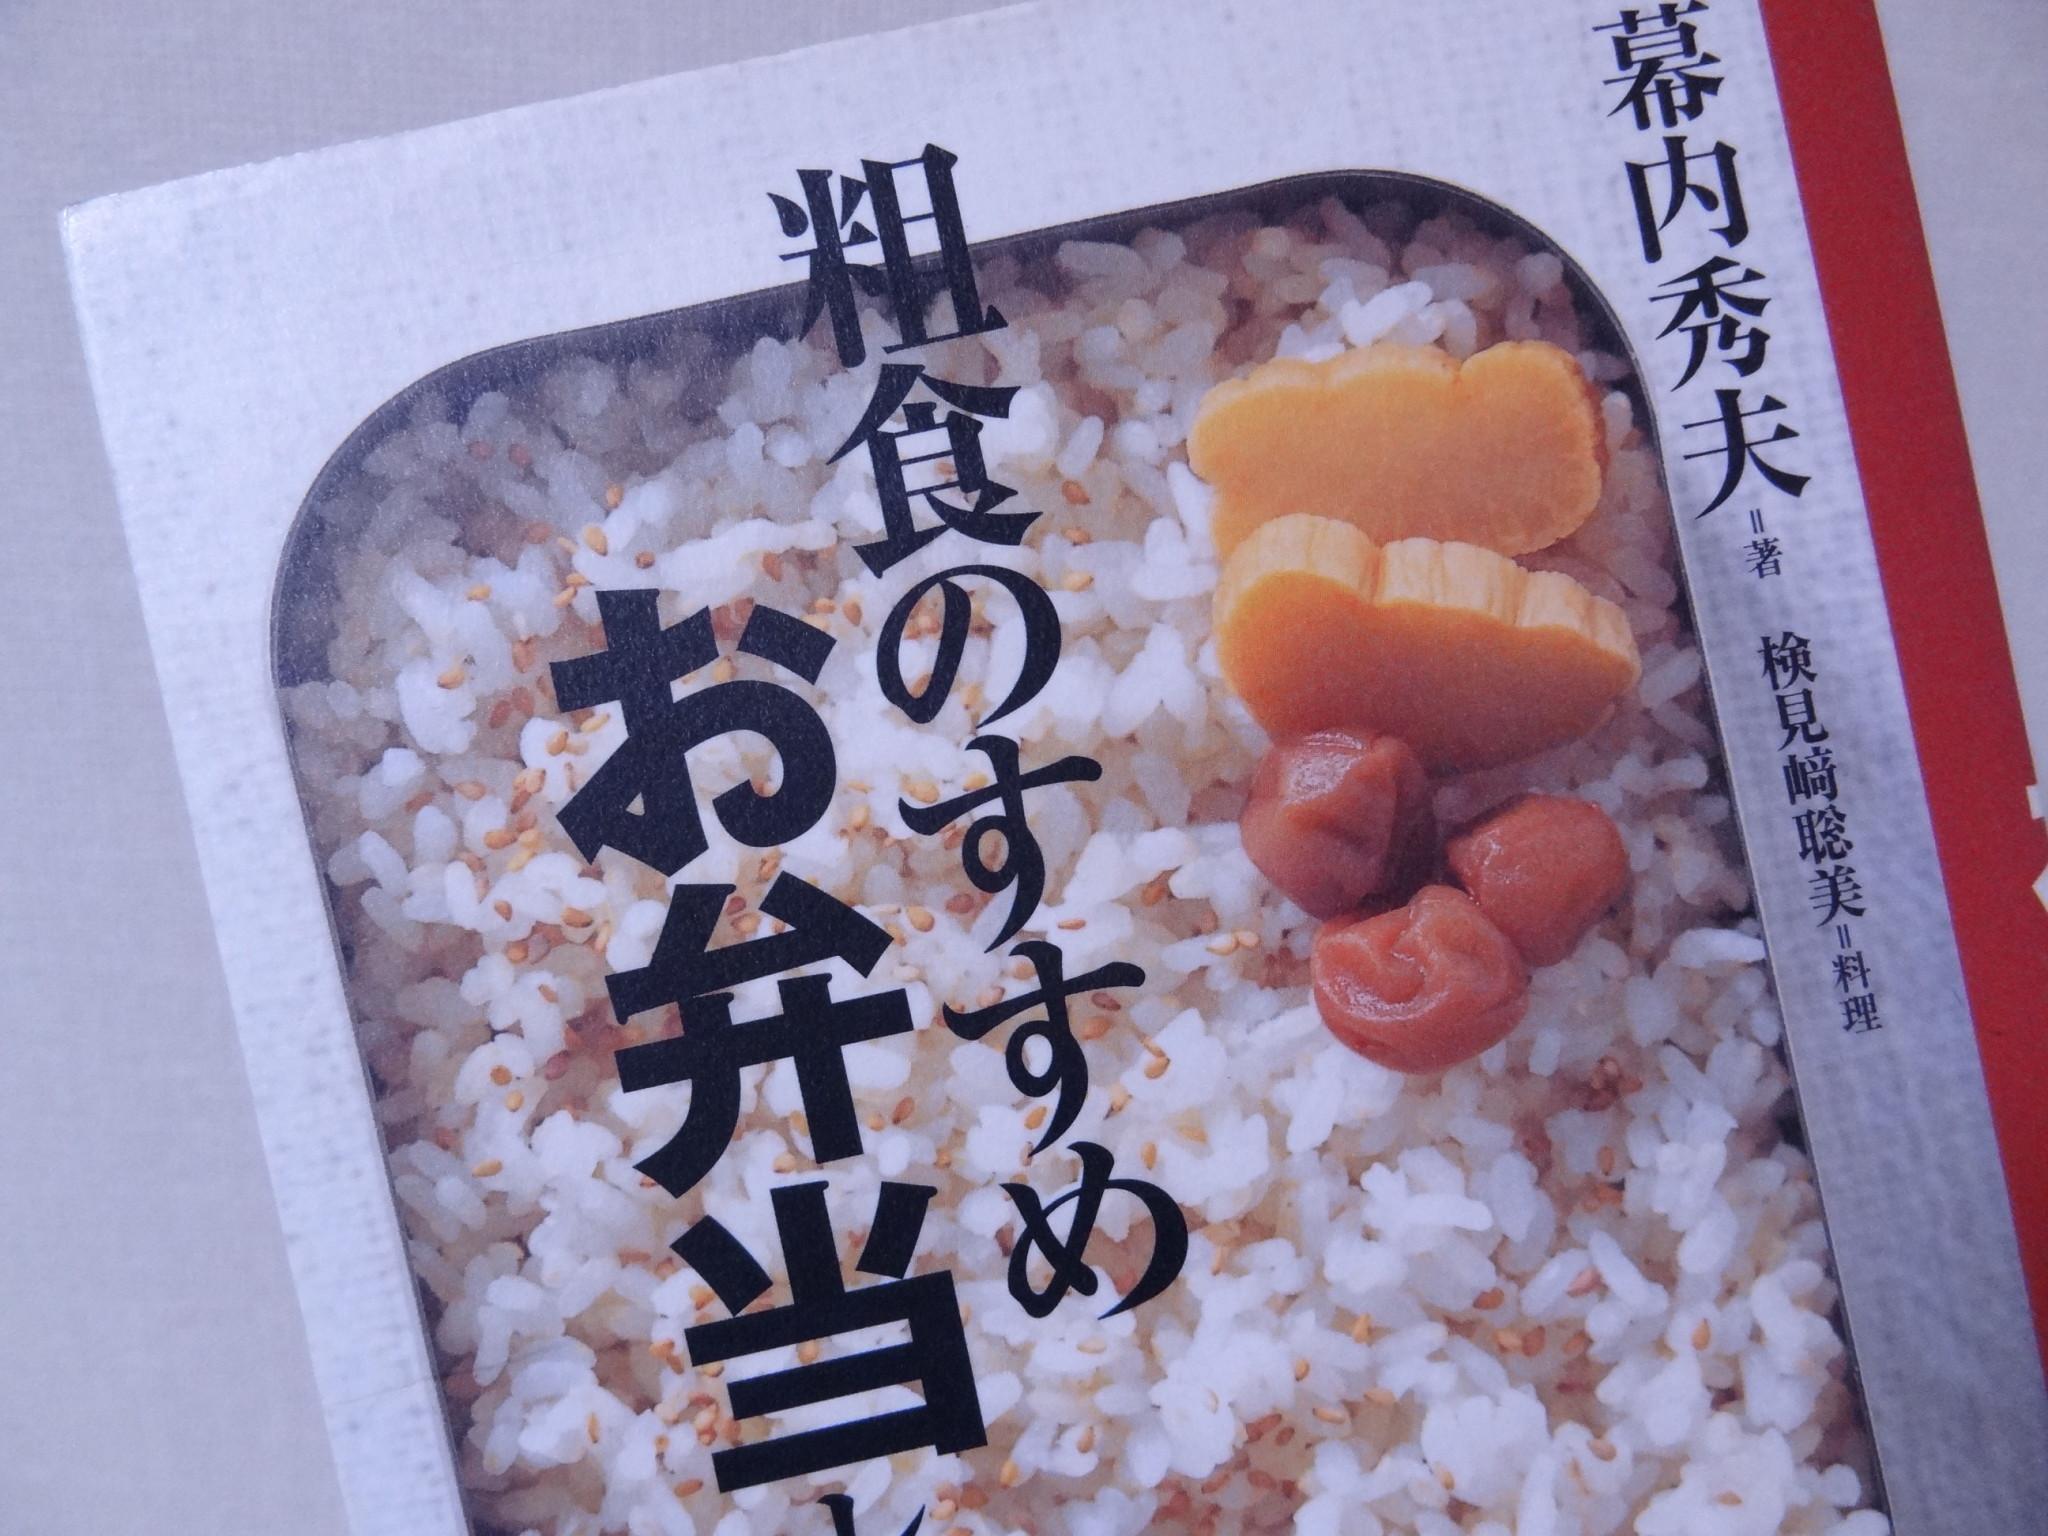 「粗食のすすめお弁当レシピ」を読み返しました。